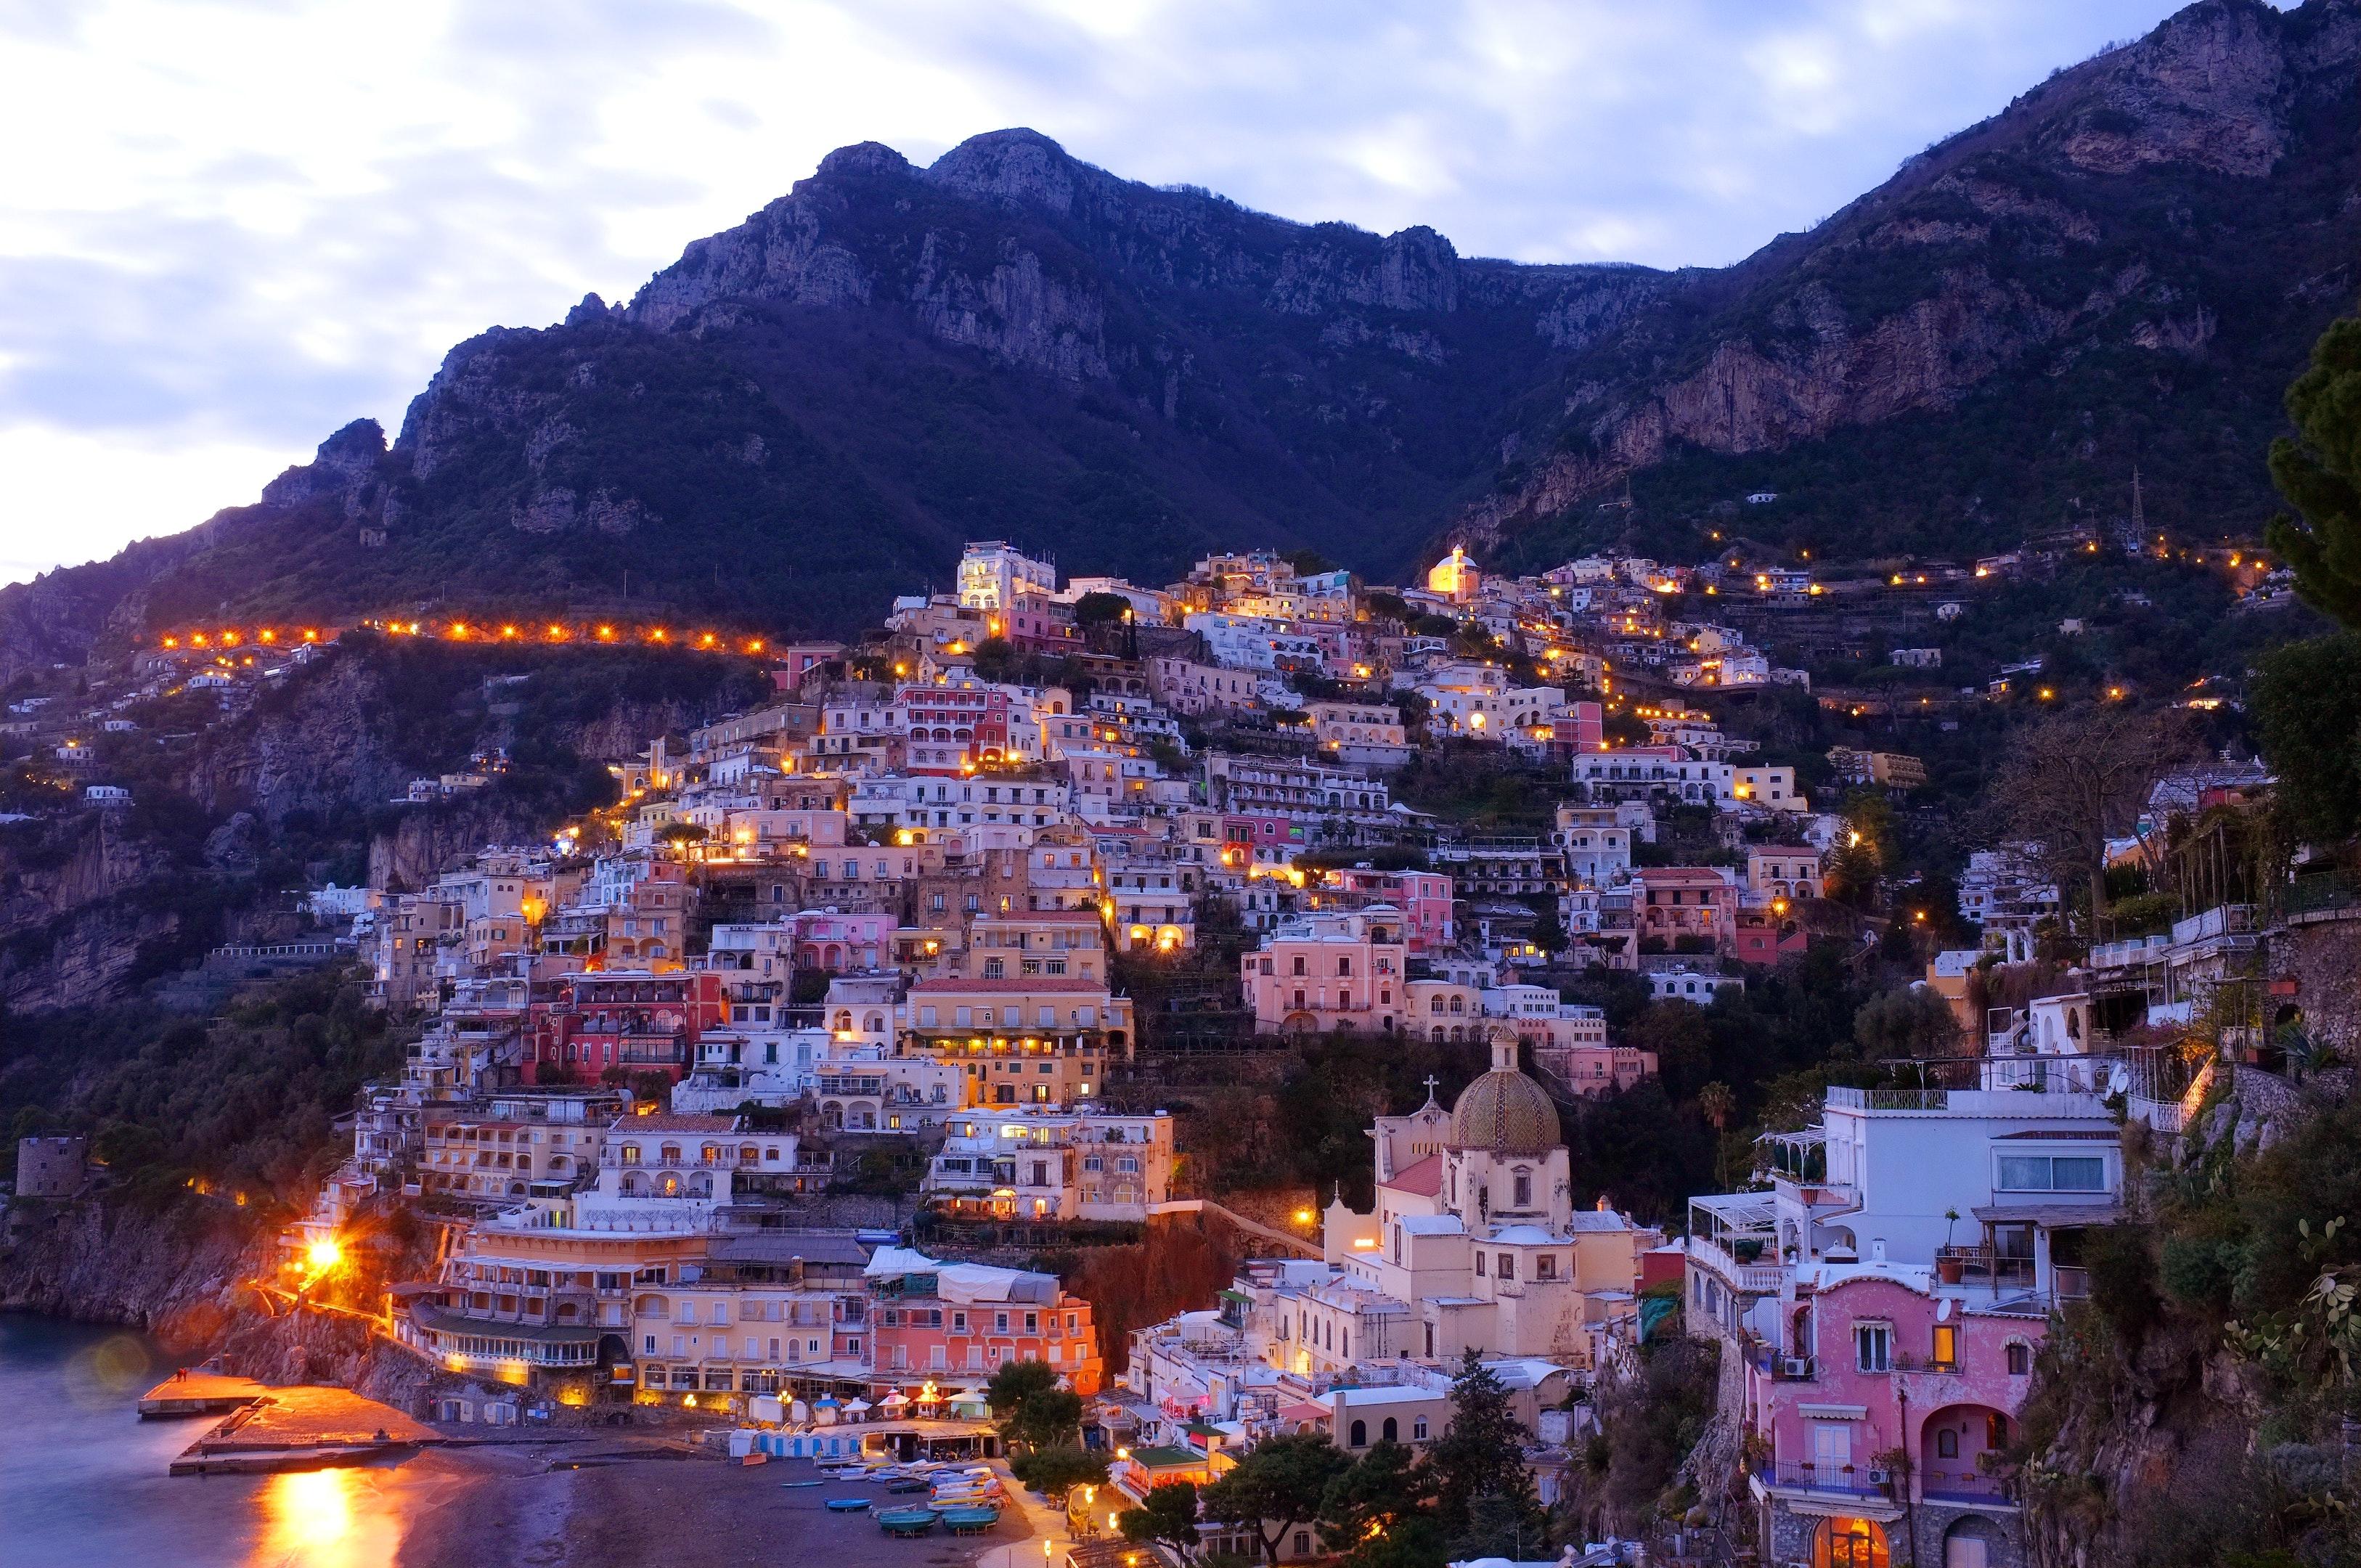 Ferienwohnung Wohnung mit 3 Schlafzimmern in Angri mit schöner Aussicht auf die Stadt und möbliertem Bal (2557376), Angri, Salerno, Kampanien, Italien, Bild 35